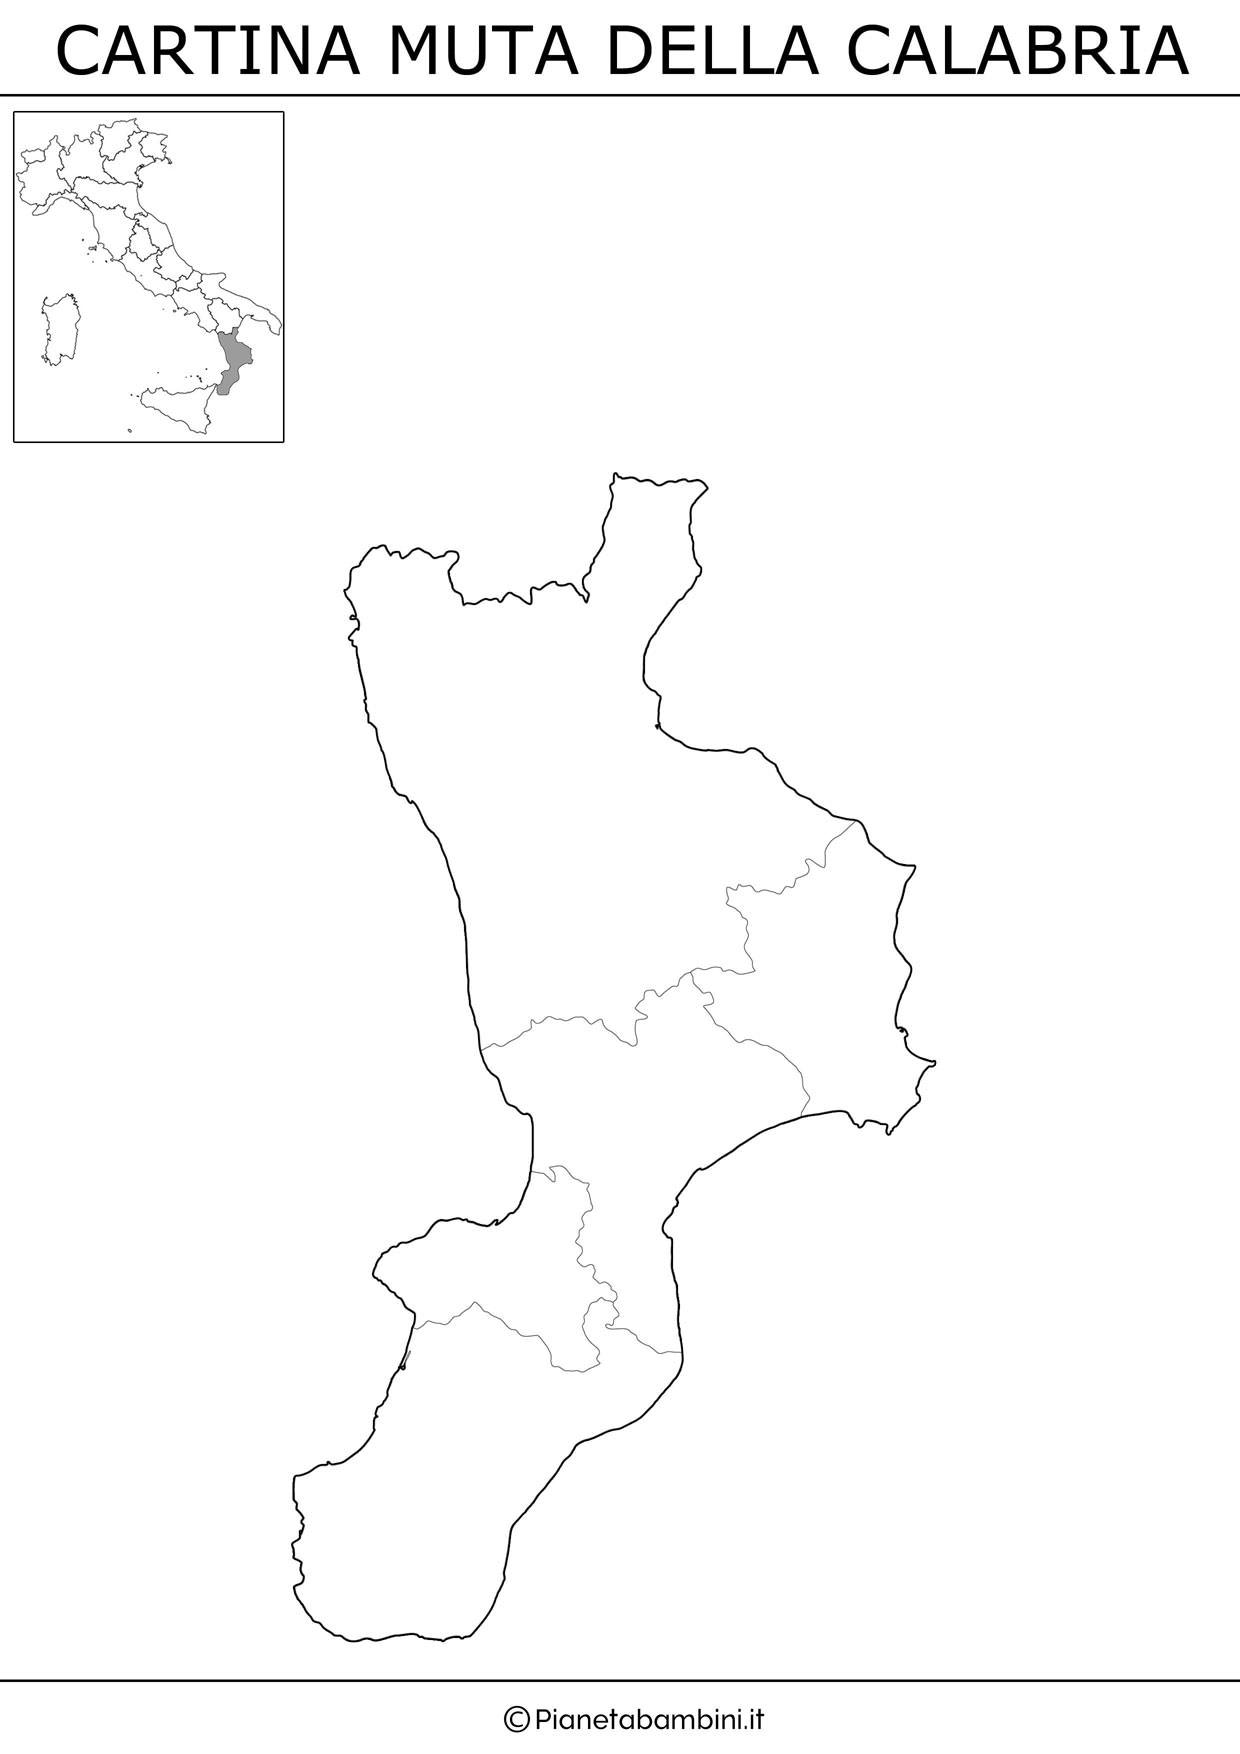 Stampare Cartina Muta Italia Province.Cartina Muta Fisica E Politica Della Calabria Da Stampare Pianetabambini It